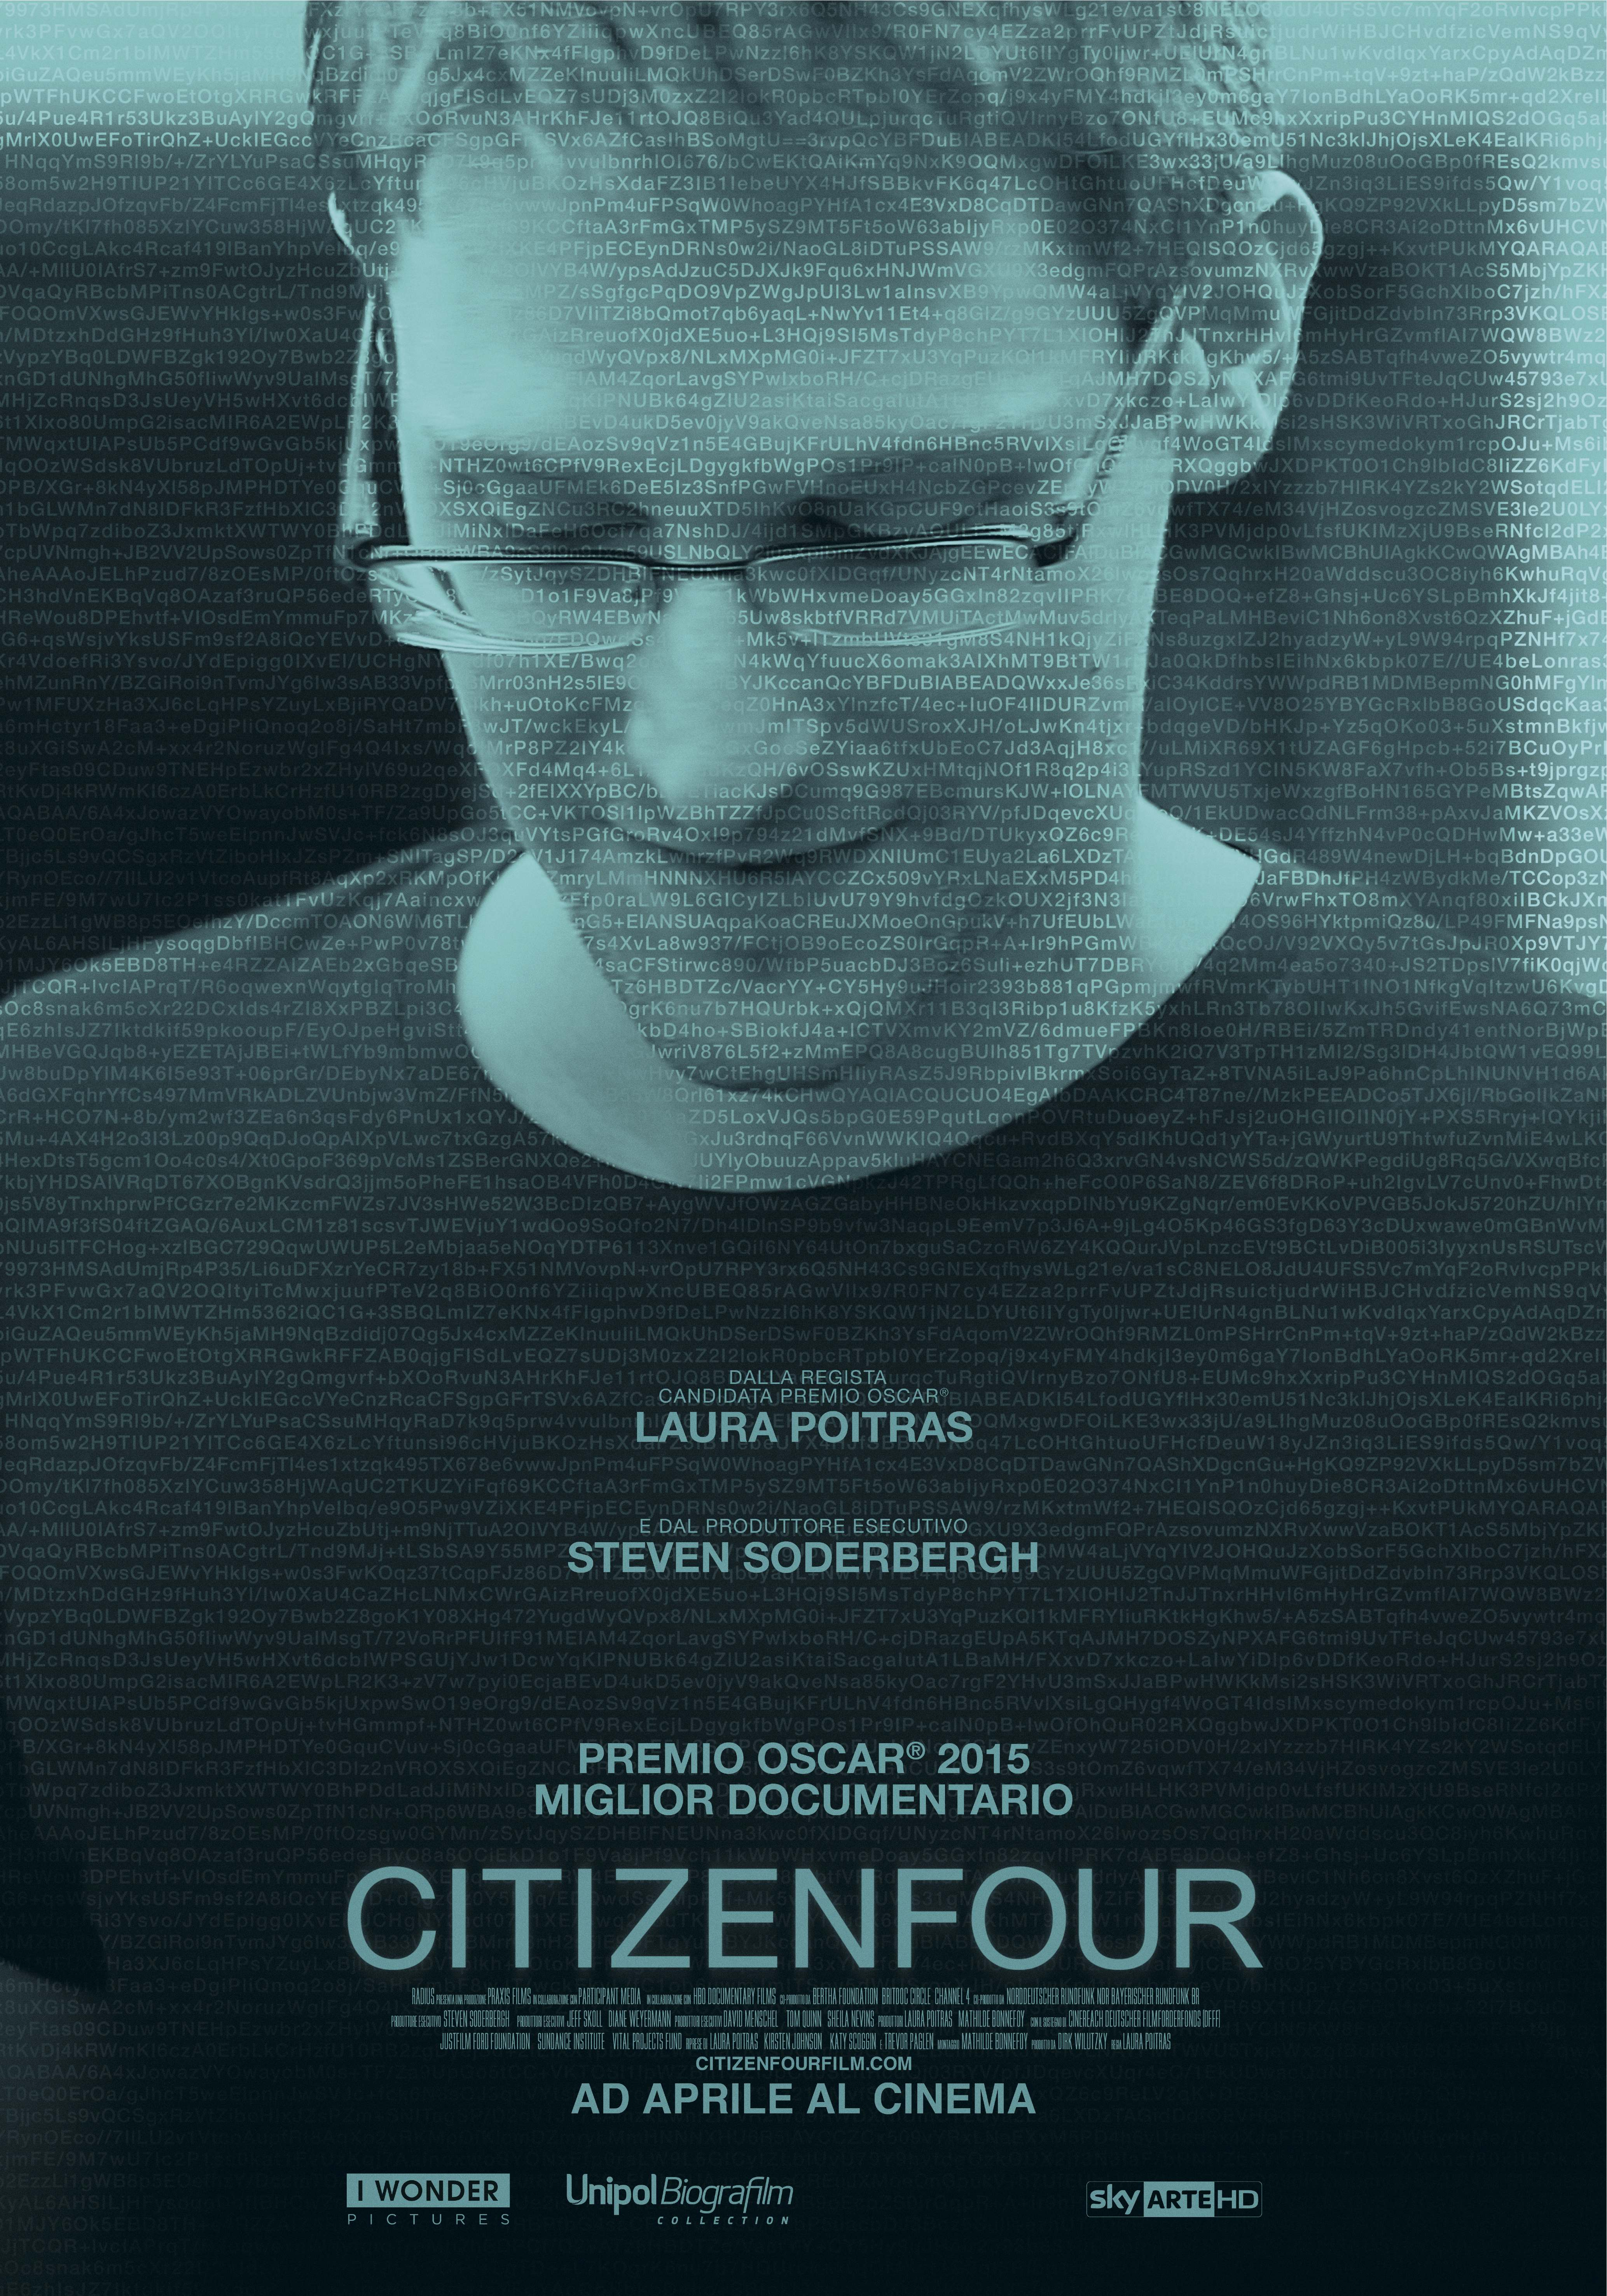 verylow_citizenfour_aw_ita_ESEC 2def